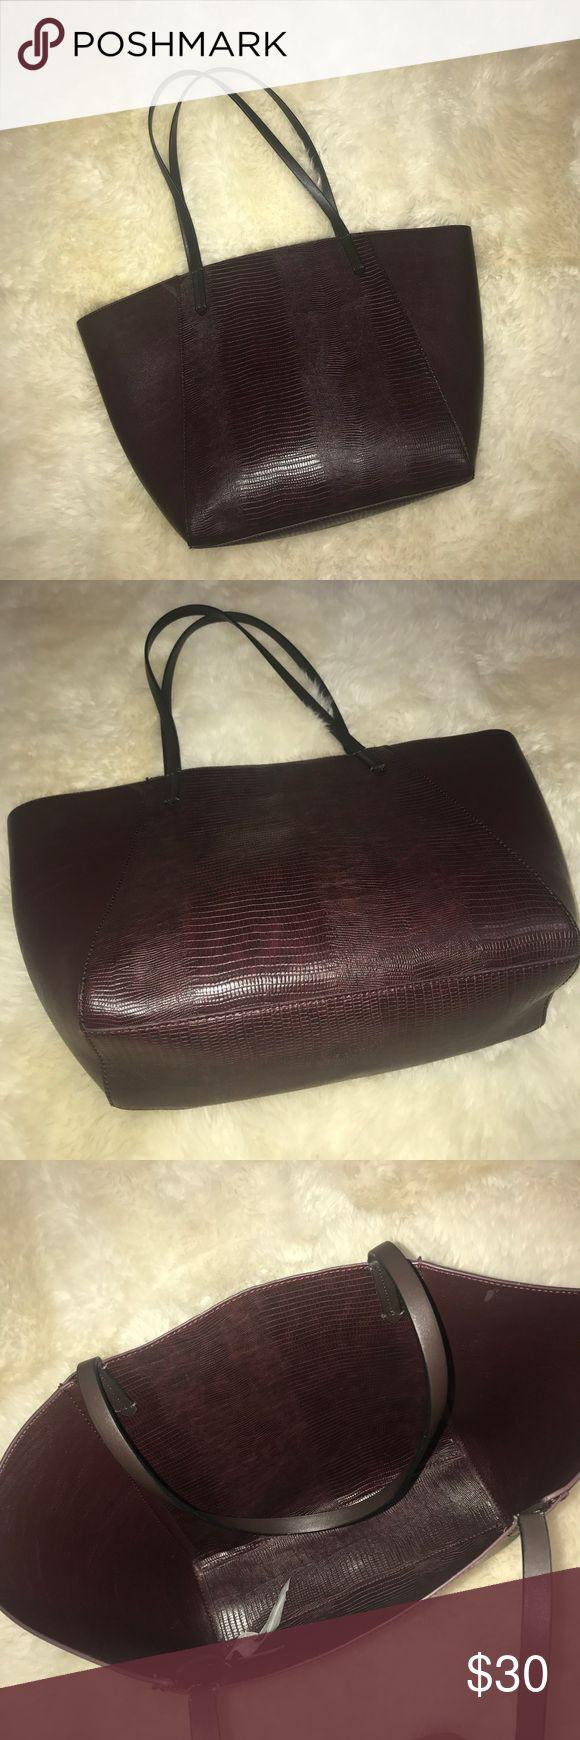 Zara Tote bag cute tote bag Zara Bags Totes